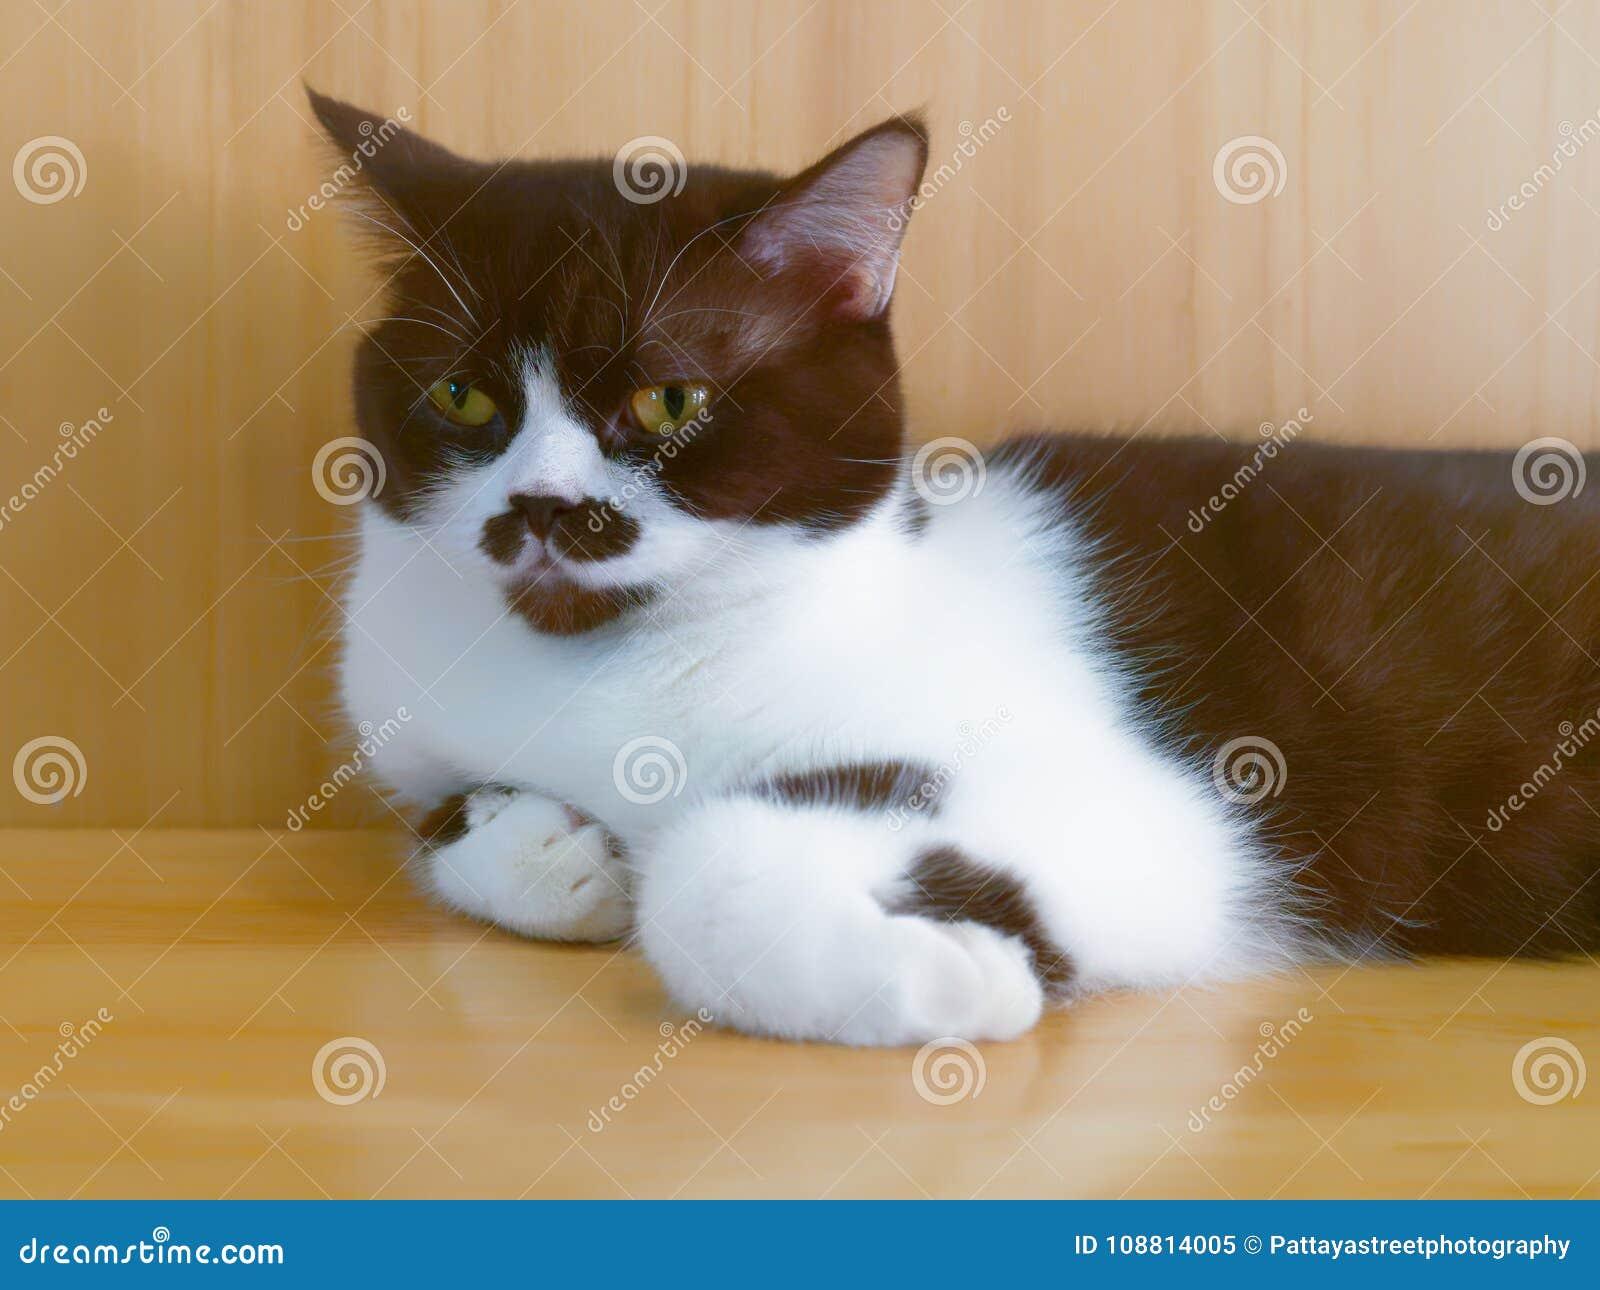 Gatto Bianco E Marrone Con La Marcatura Sul Naso E Bocca Che Riposa